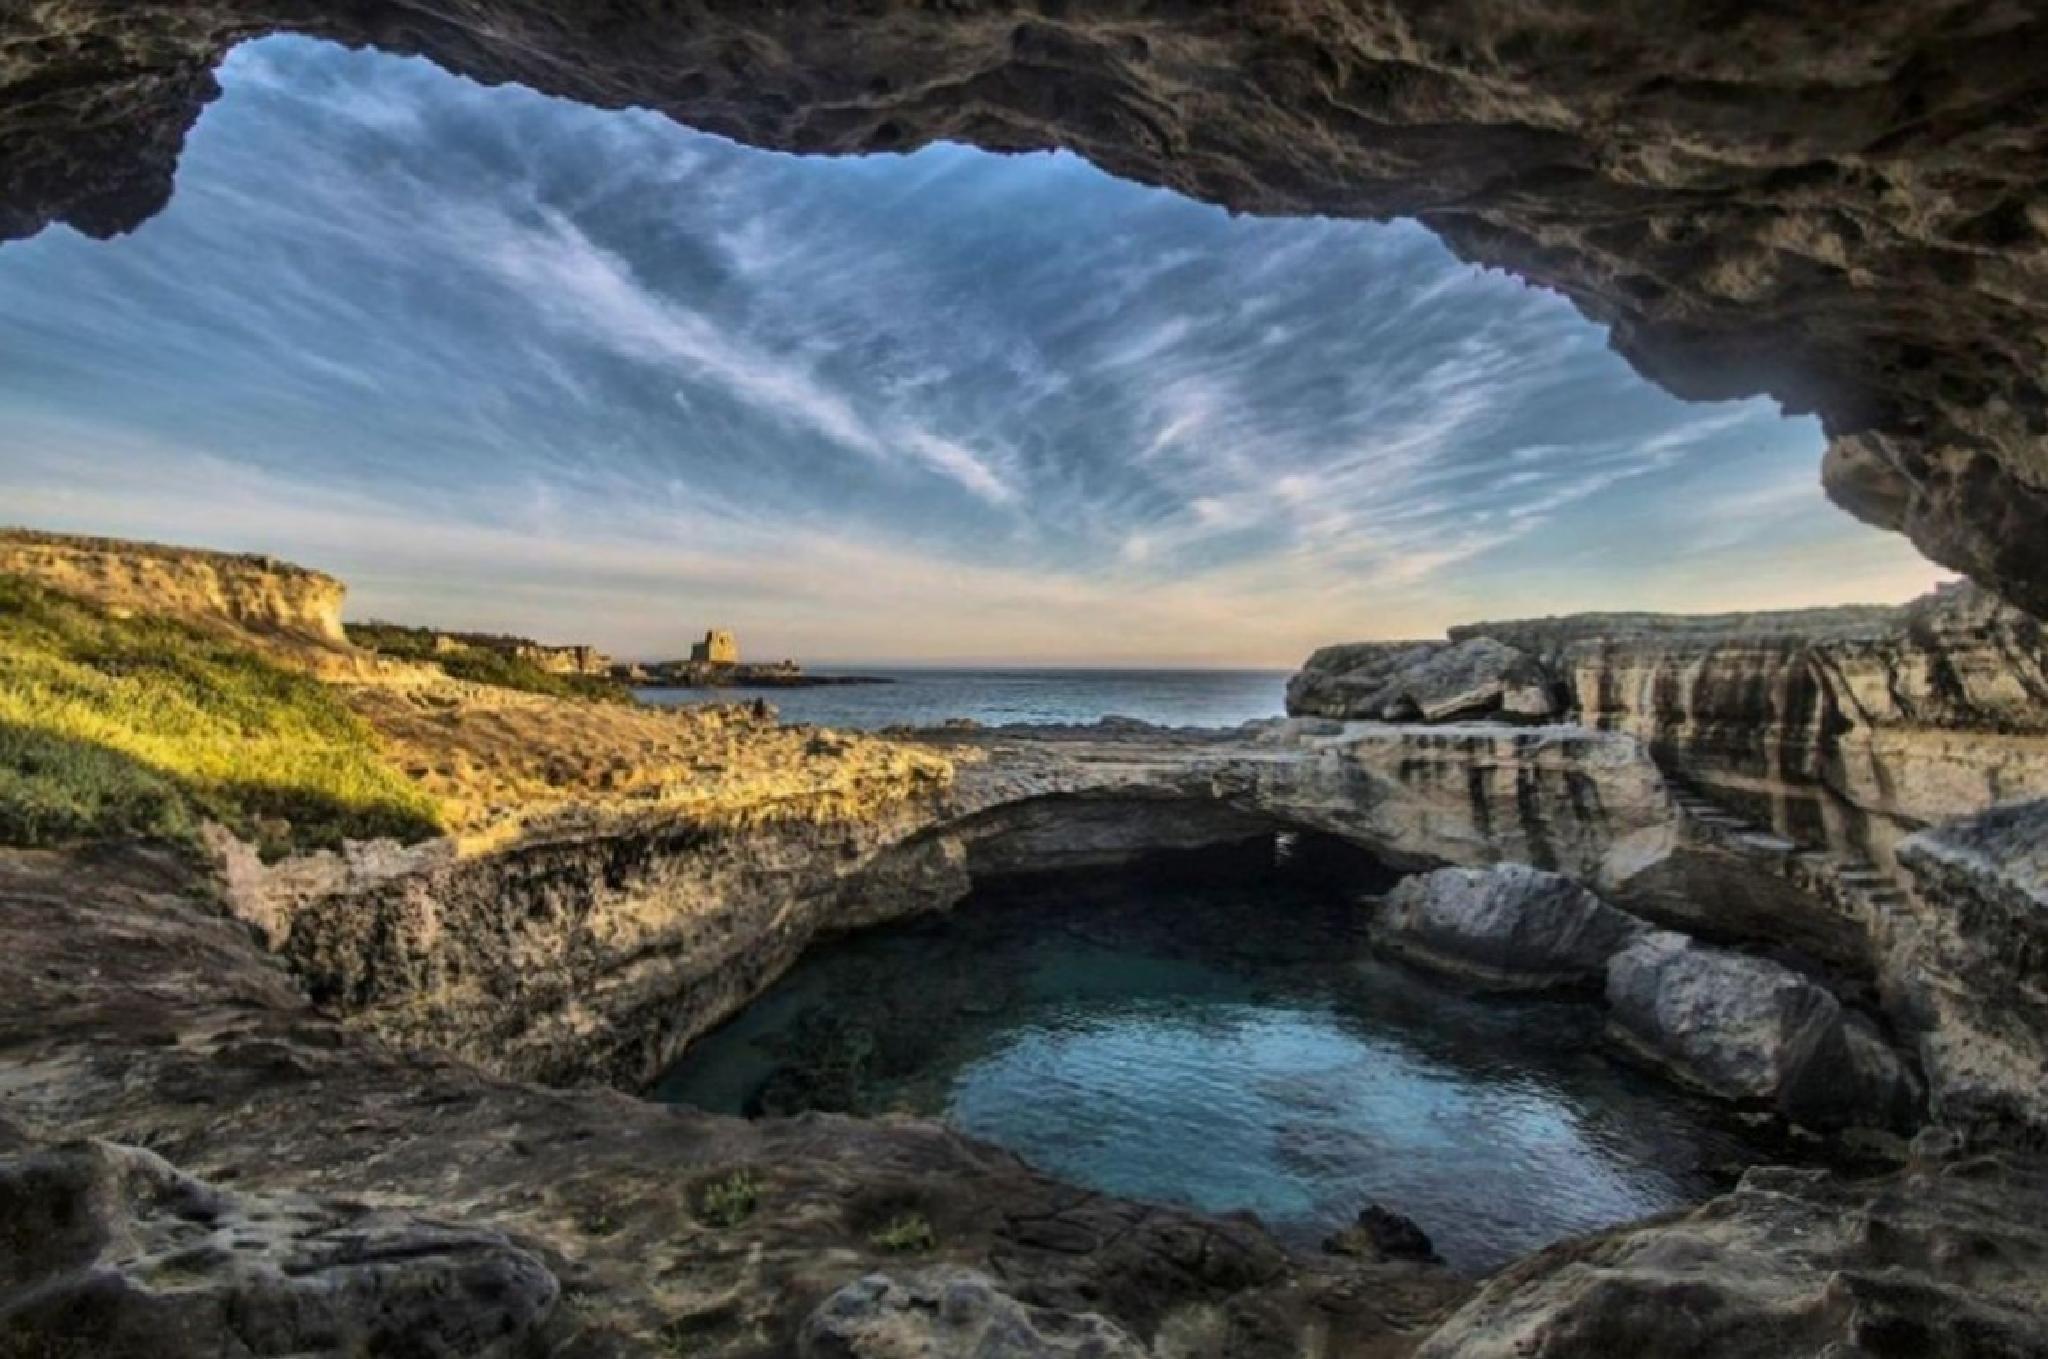 La grotta della Poesia Roca Vecchia (LE) by Amleto Lala